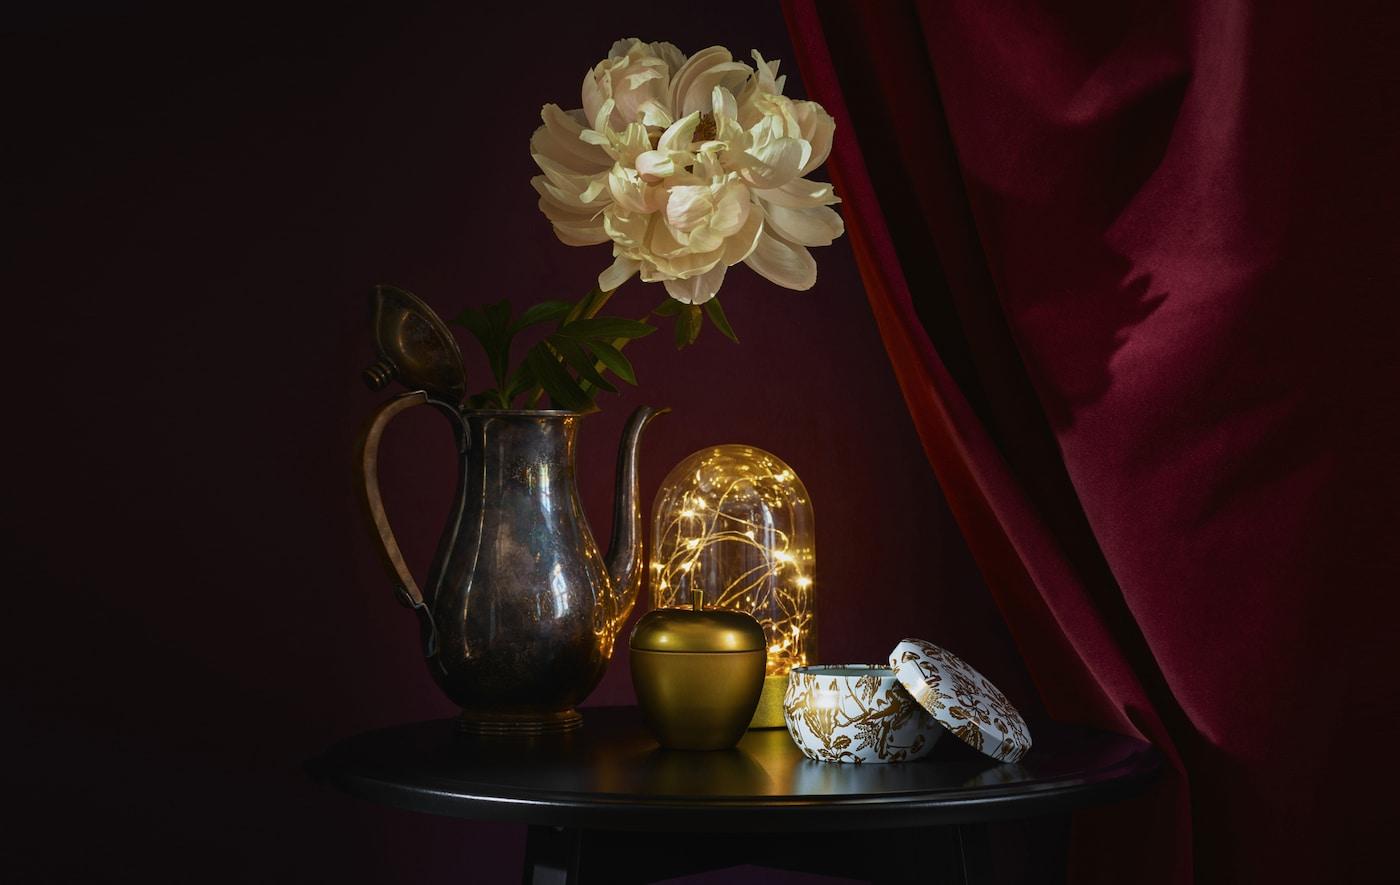 Accesorii și corpuri de iluminat aurii pe o masă rotundă pe fundal roșu închis.